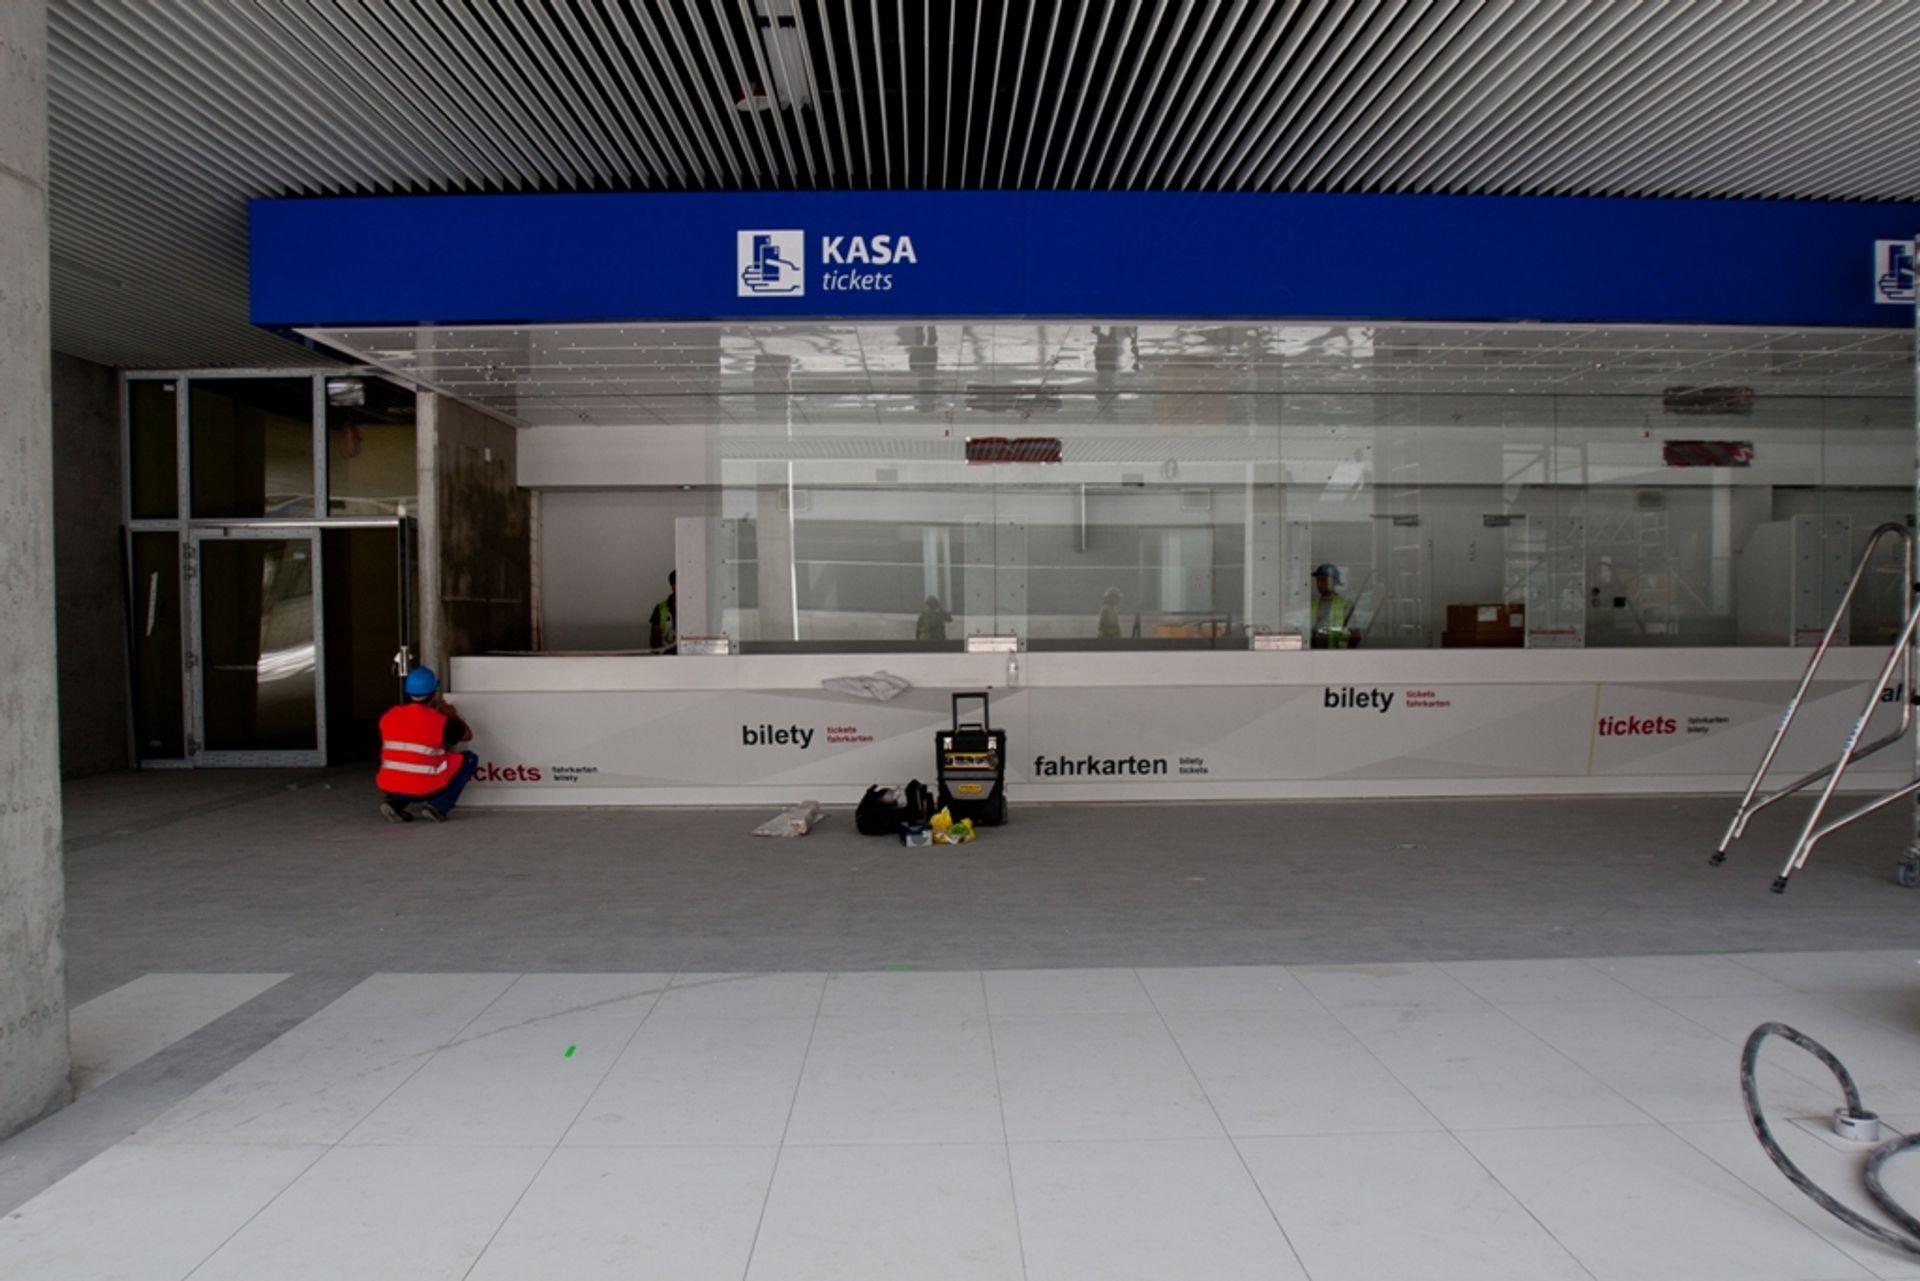 [Katowice] Otwarcie katowickiego dworca dzień wcześniej niż planowano!